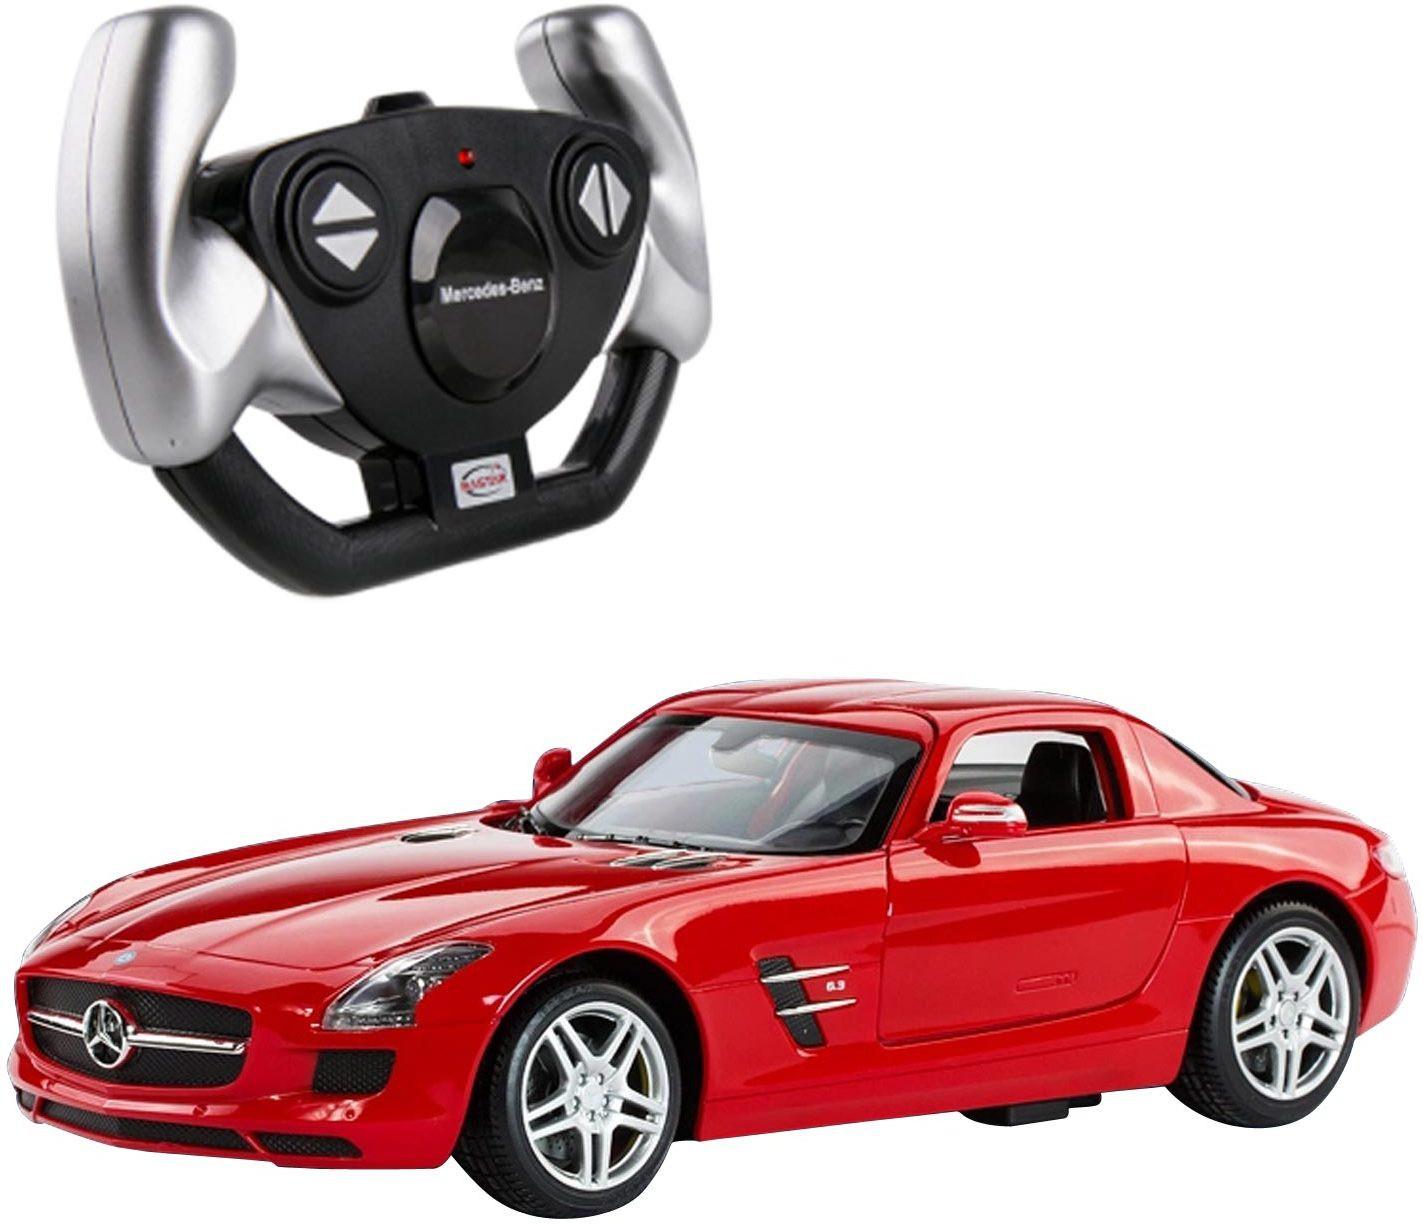 Rastar 114 mercedes benz sls amg red best price in india for Mercedes benz slr amg price